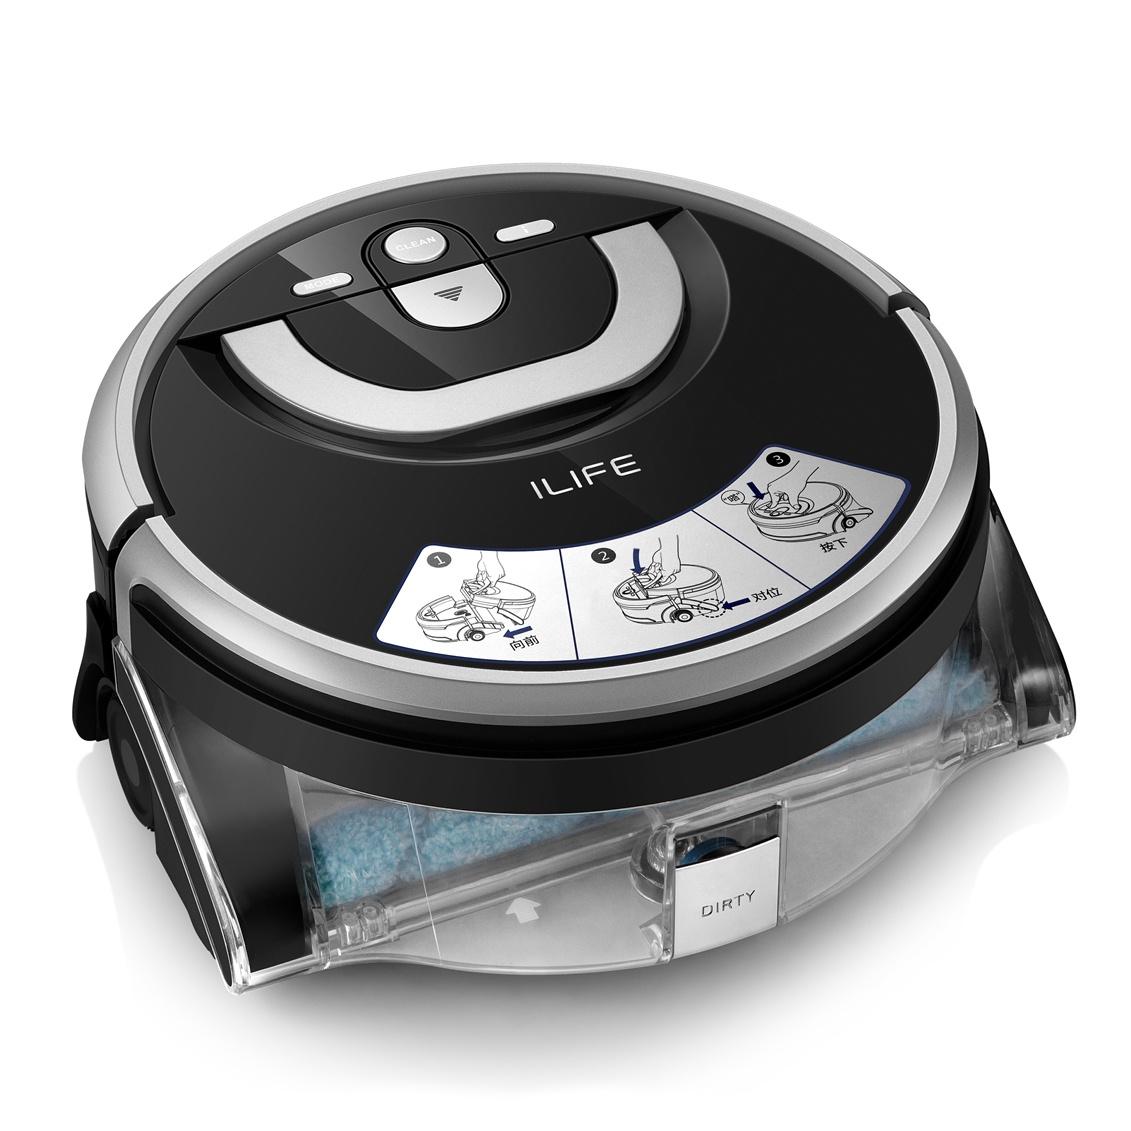 Робот-пылесос ilife W400, черный полезные 6pcs влажная очистка kit cmos ccd пылесос швабру для dslr камеры